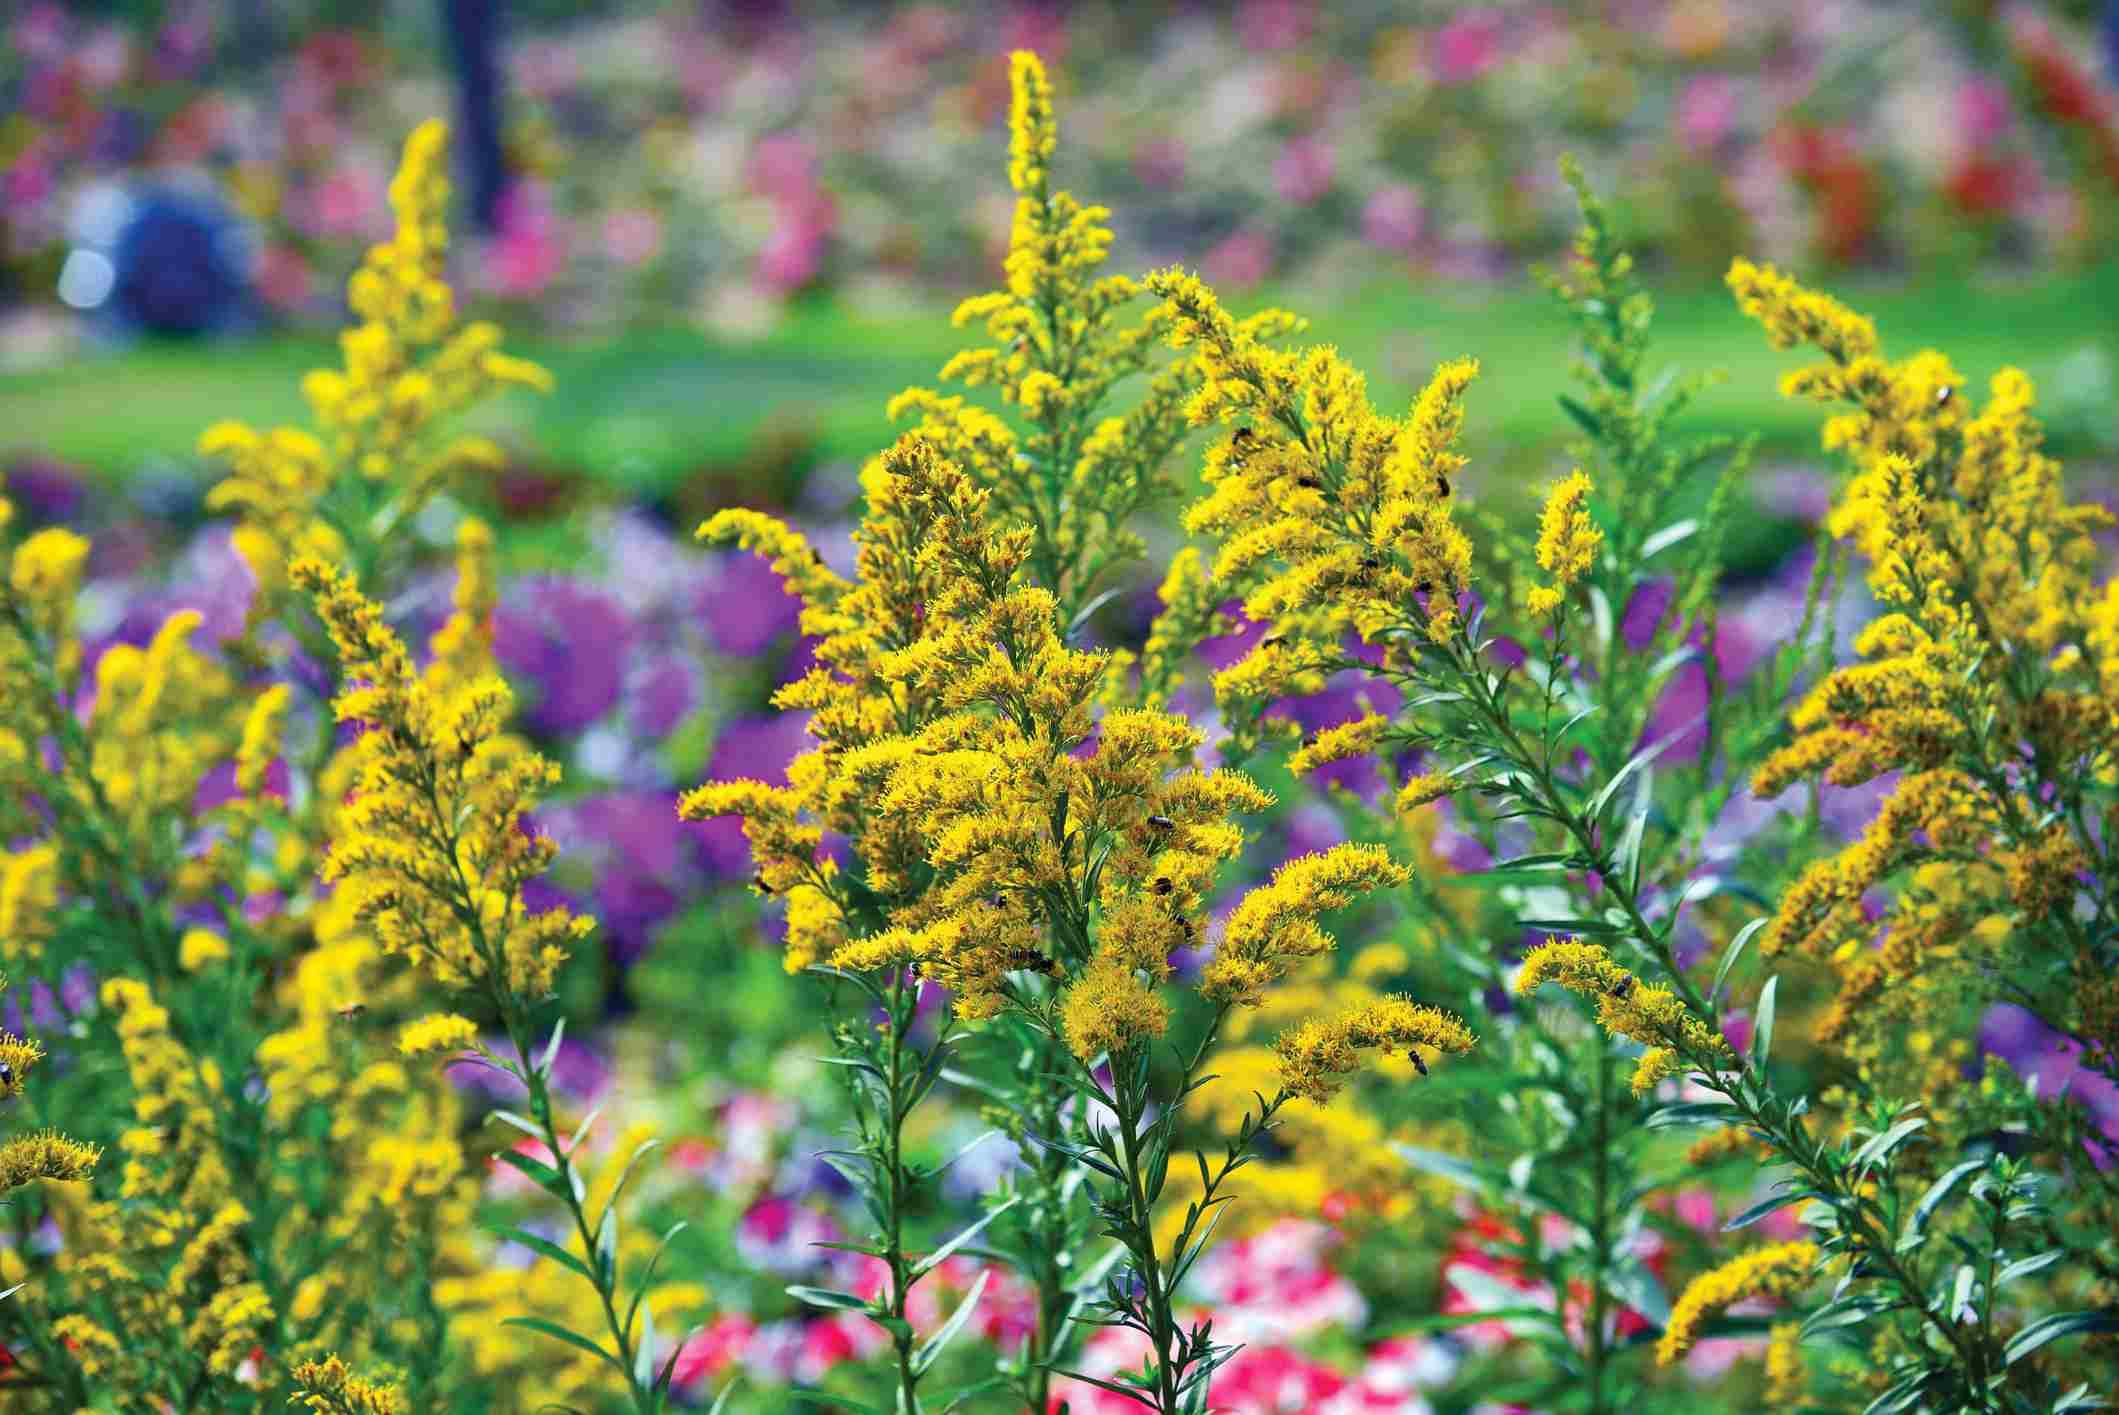 flores de vara de oro (Solidago)